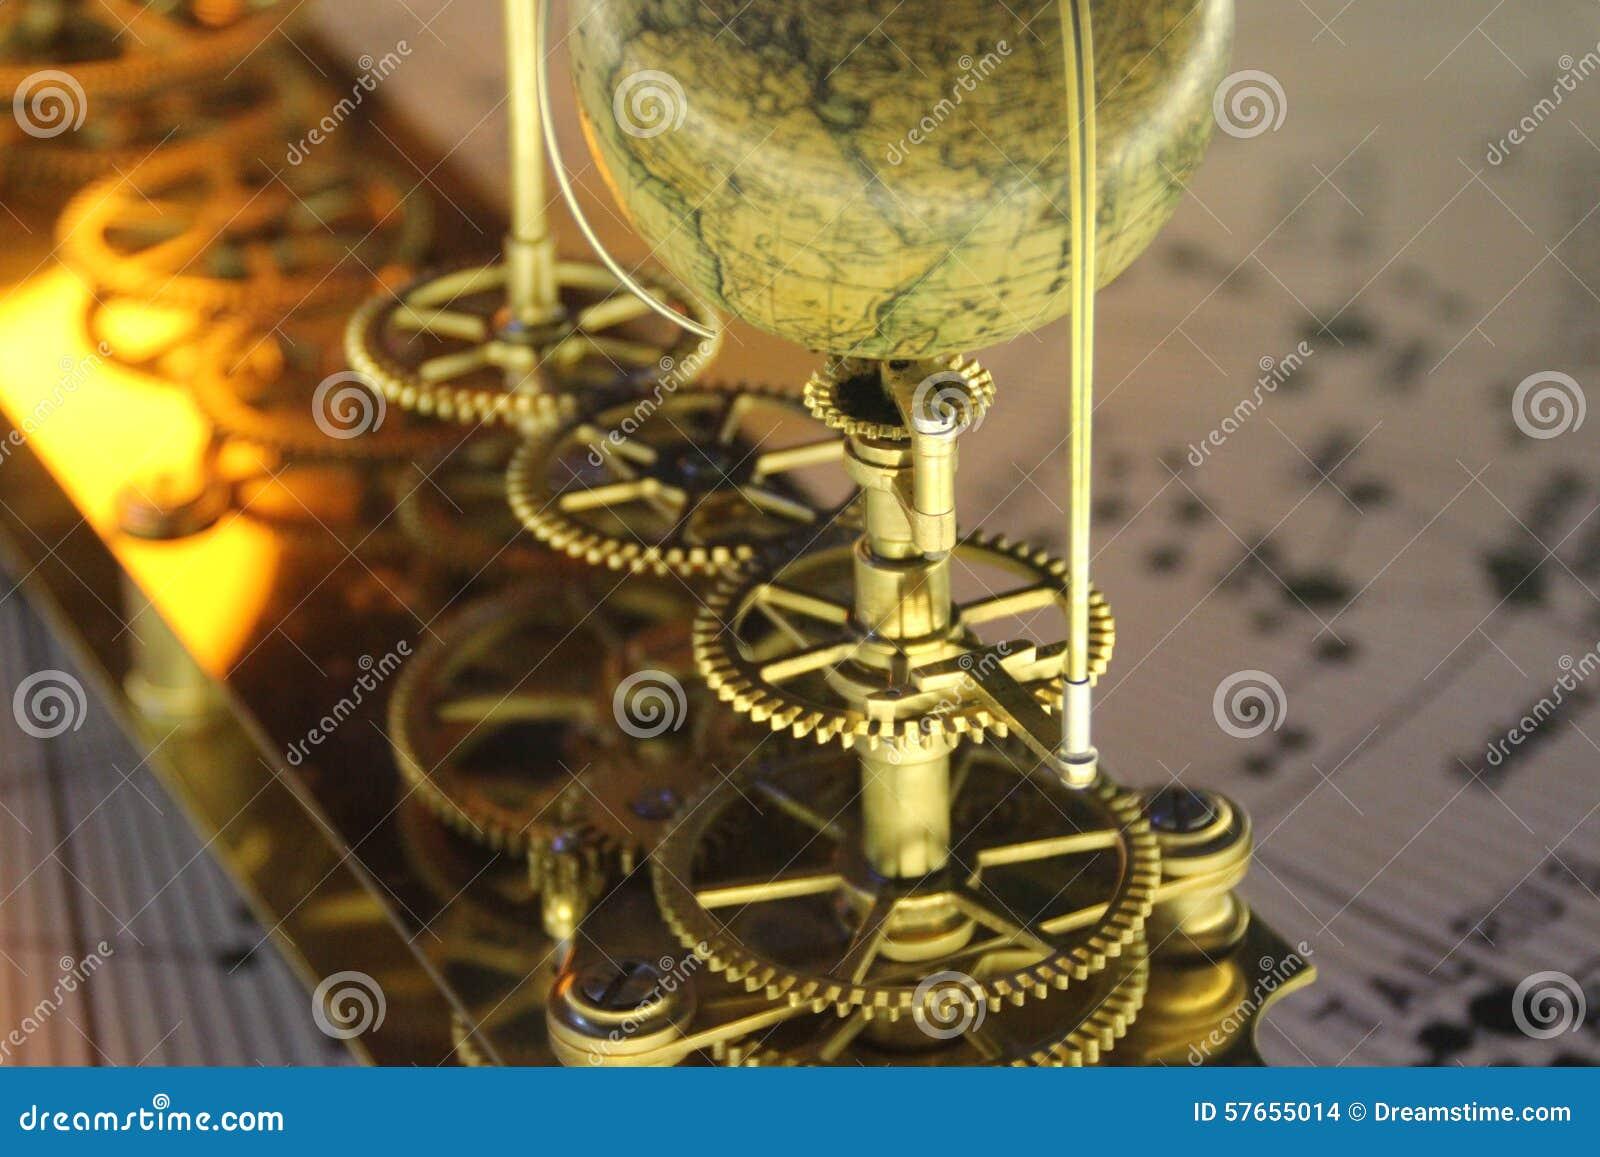 Astrologiczny narzędzie